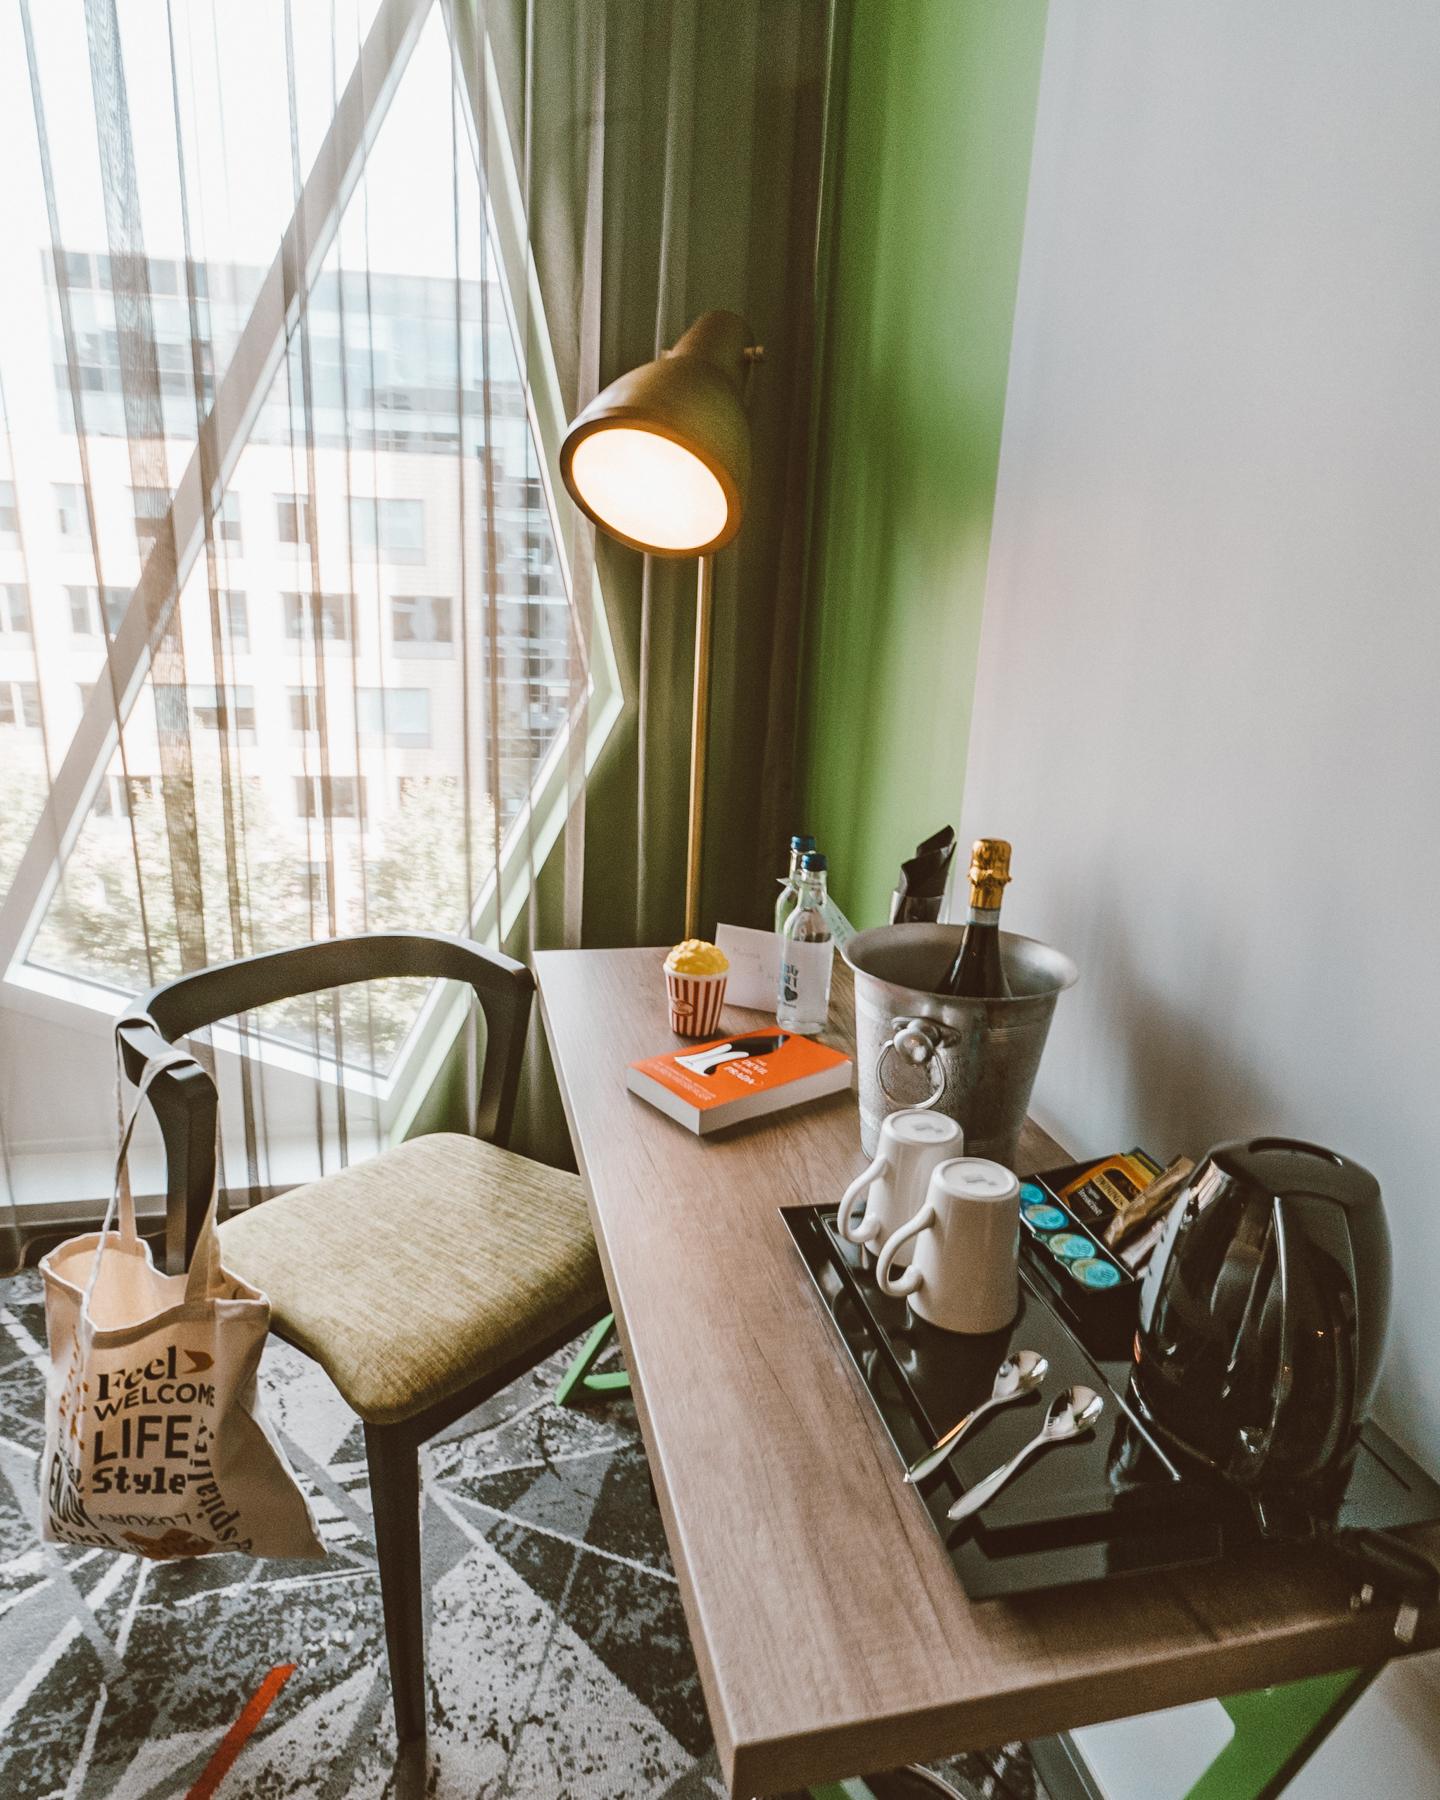 Ibis Styles Ealing Room & Lobby Review (1 of 14).jpg